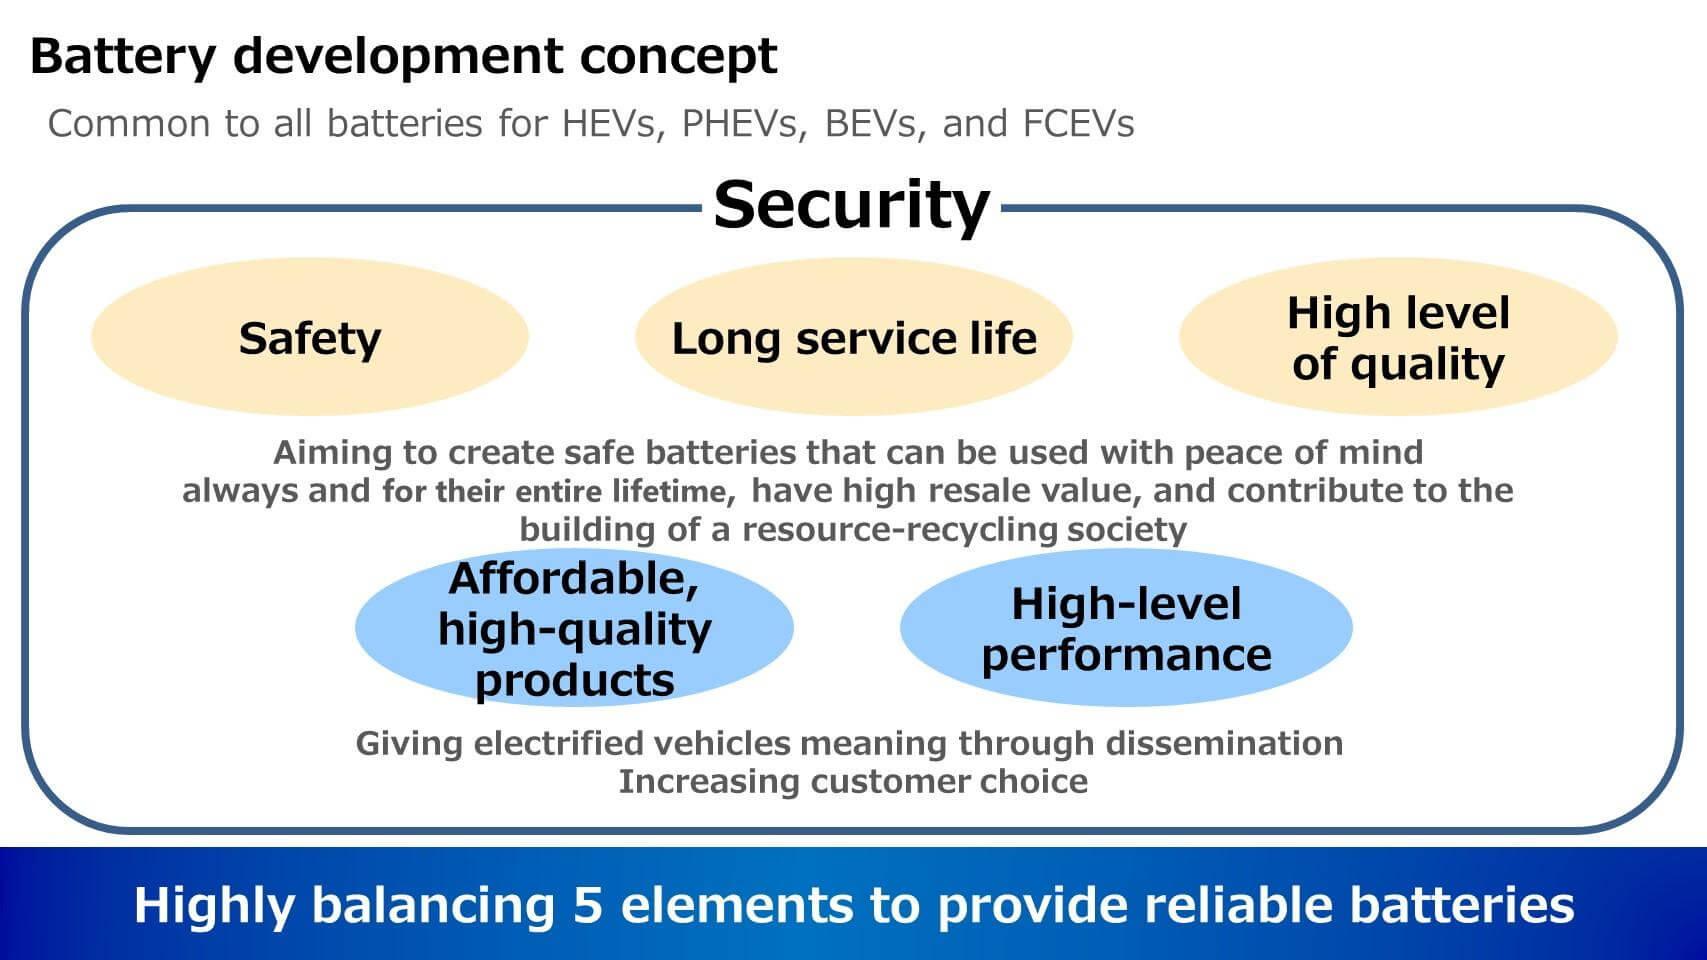 В Toyota будут уделять особое внимание безопасности, длительному сроку службы и высокому качеству для производства хороших, недорогих и высокопроизводительных аккумуляторов